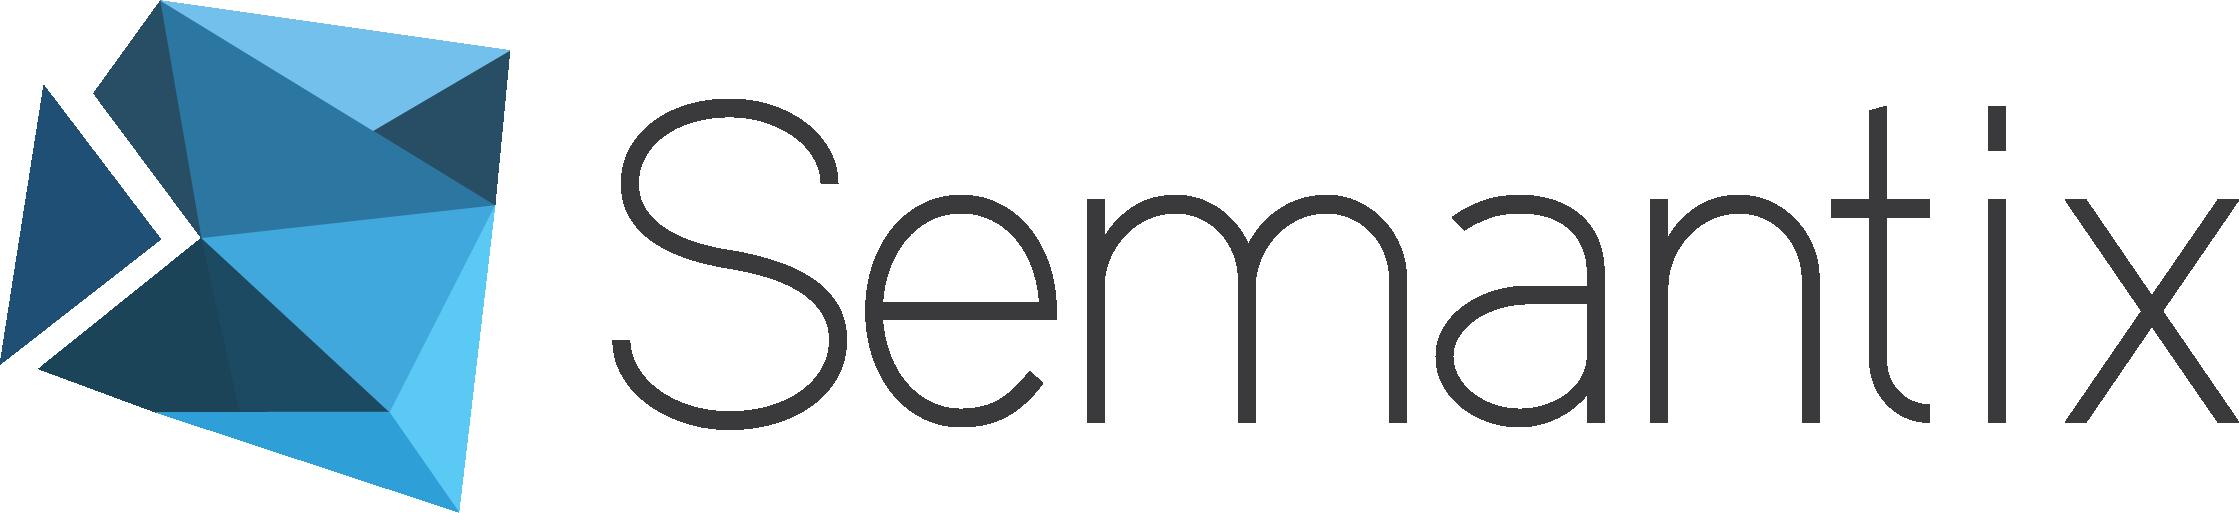 logo-semantix-br.png